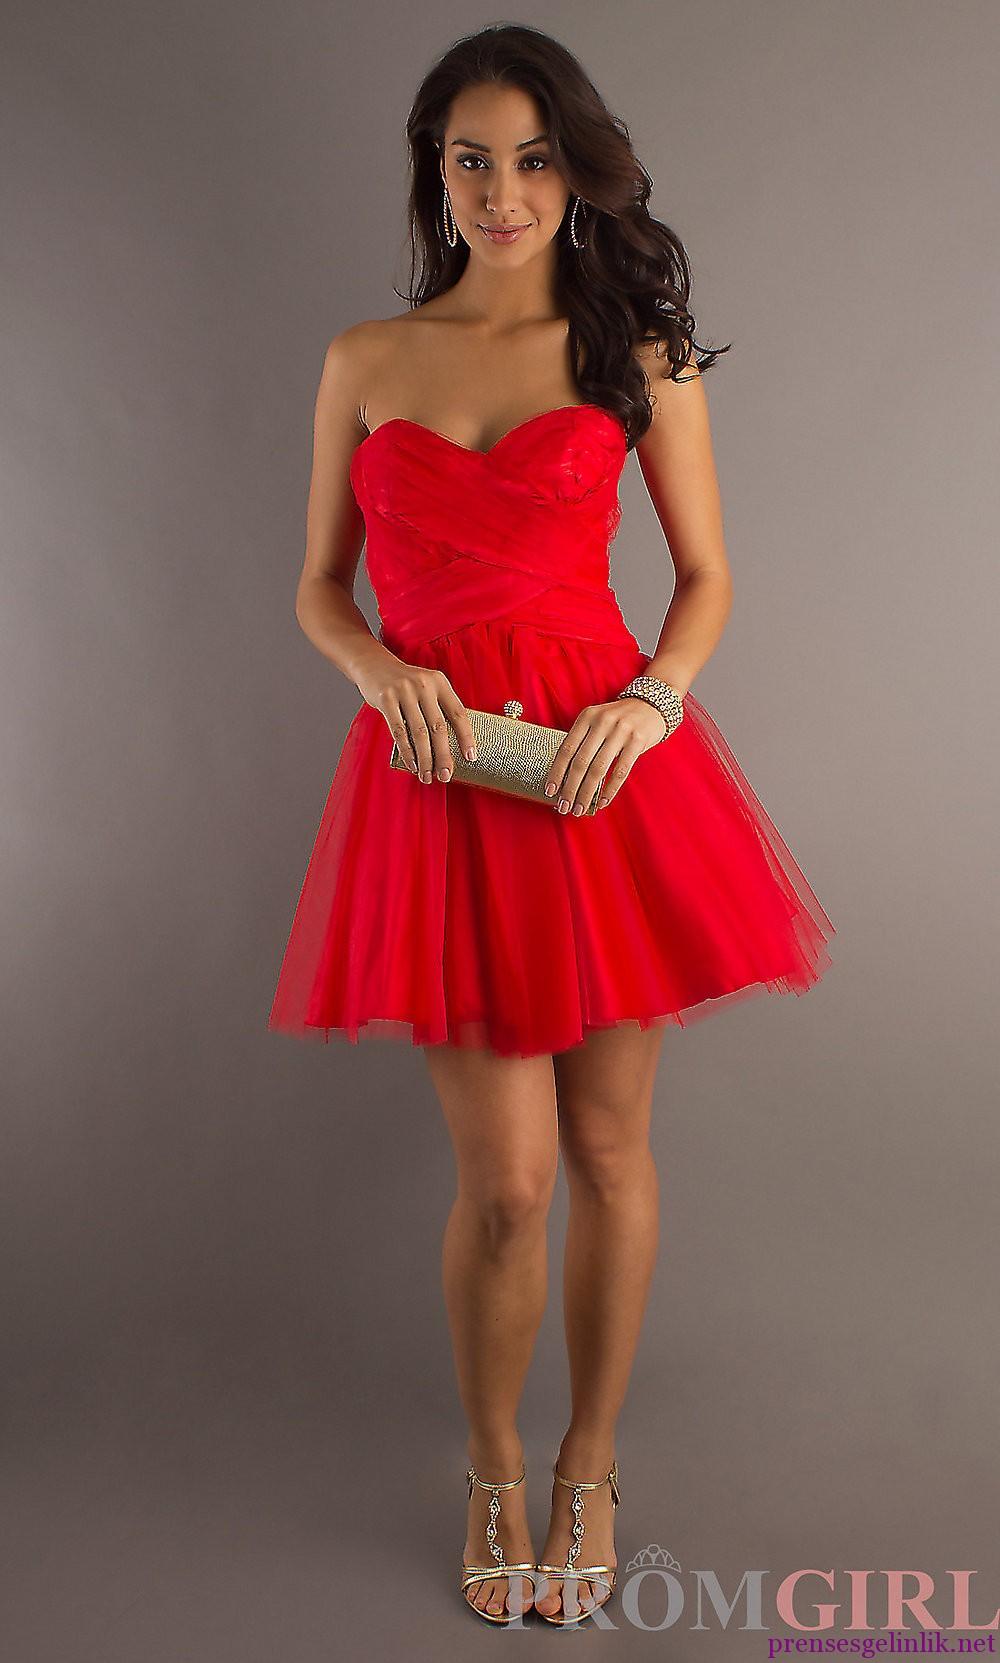 ac99ab49cebd9 Mini Kırmızı Balo Elbisesi Modelleri »